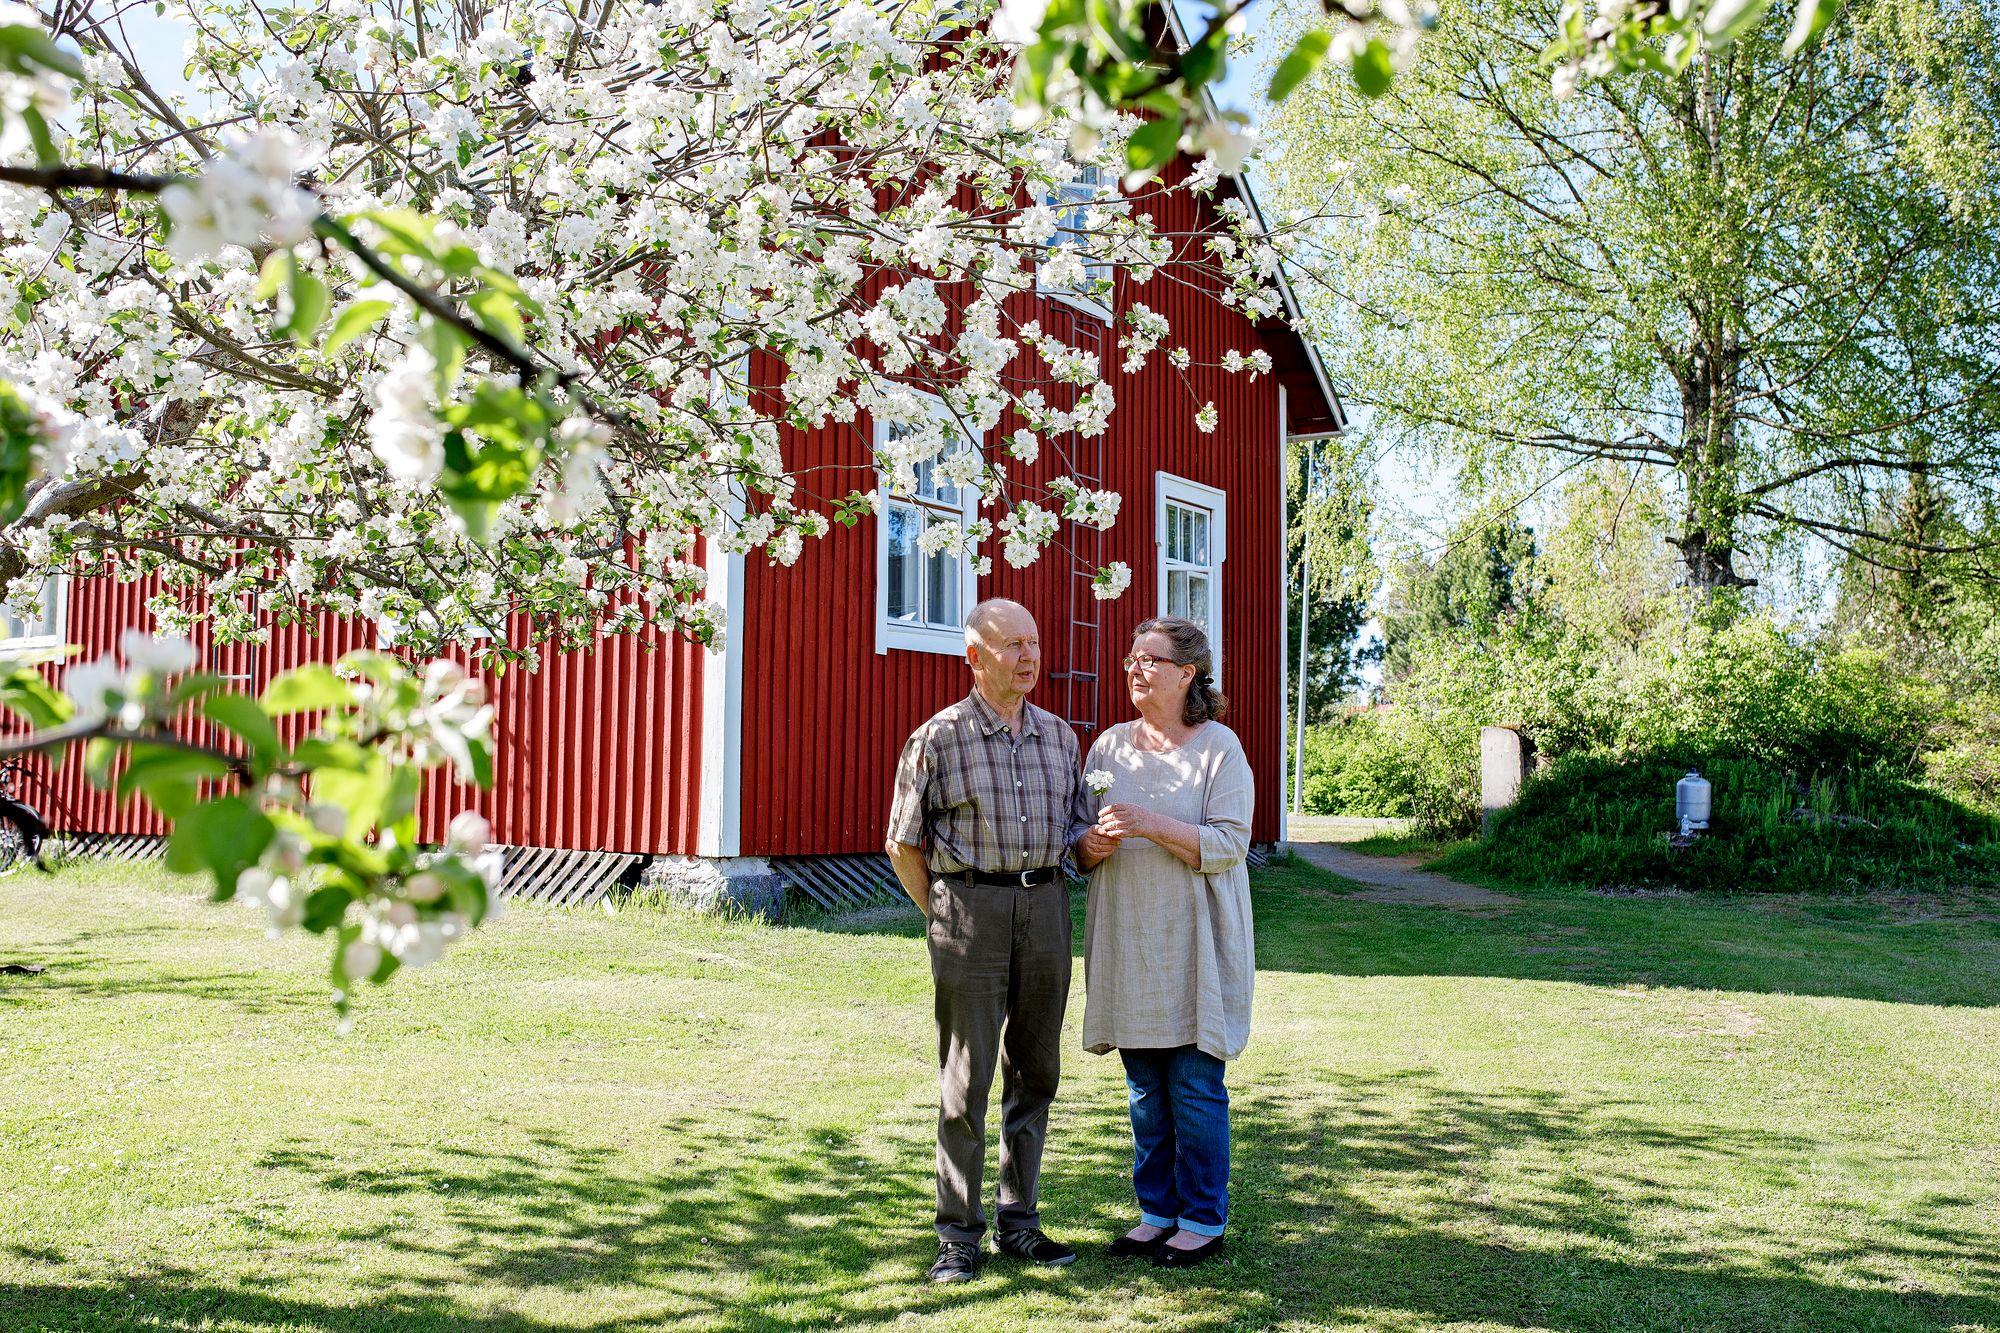 """Niilo ja Ulla-Maija Frilanderin kotikatu oli ennen Kauppakatu, nykyään Omenatie. """"Tämä on ollut nimensä väärti"""", Ulla-Maija sanoo. © Kuvaaja Hanna-Kaisa Hᅢᄂmᅢᄂl"""